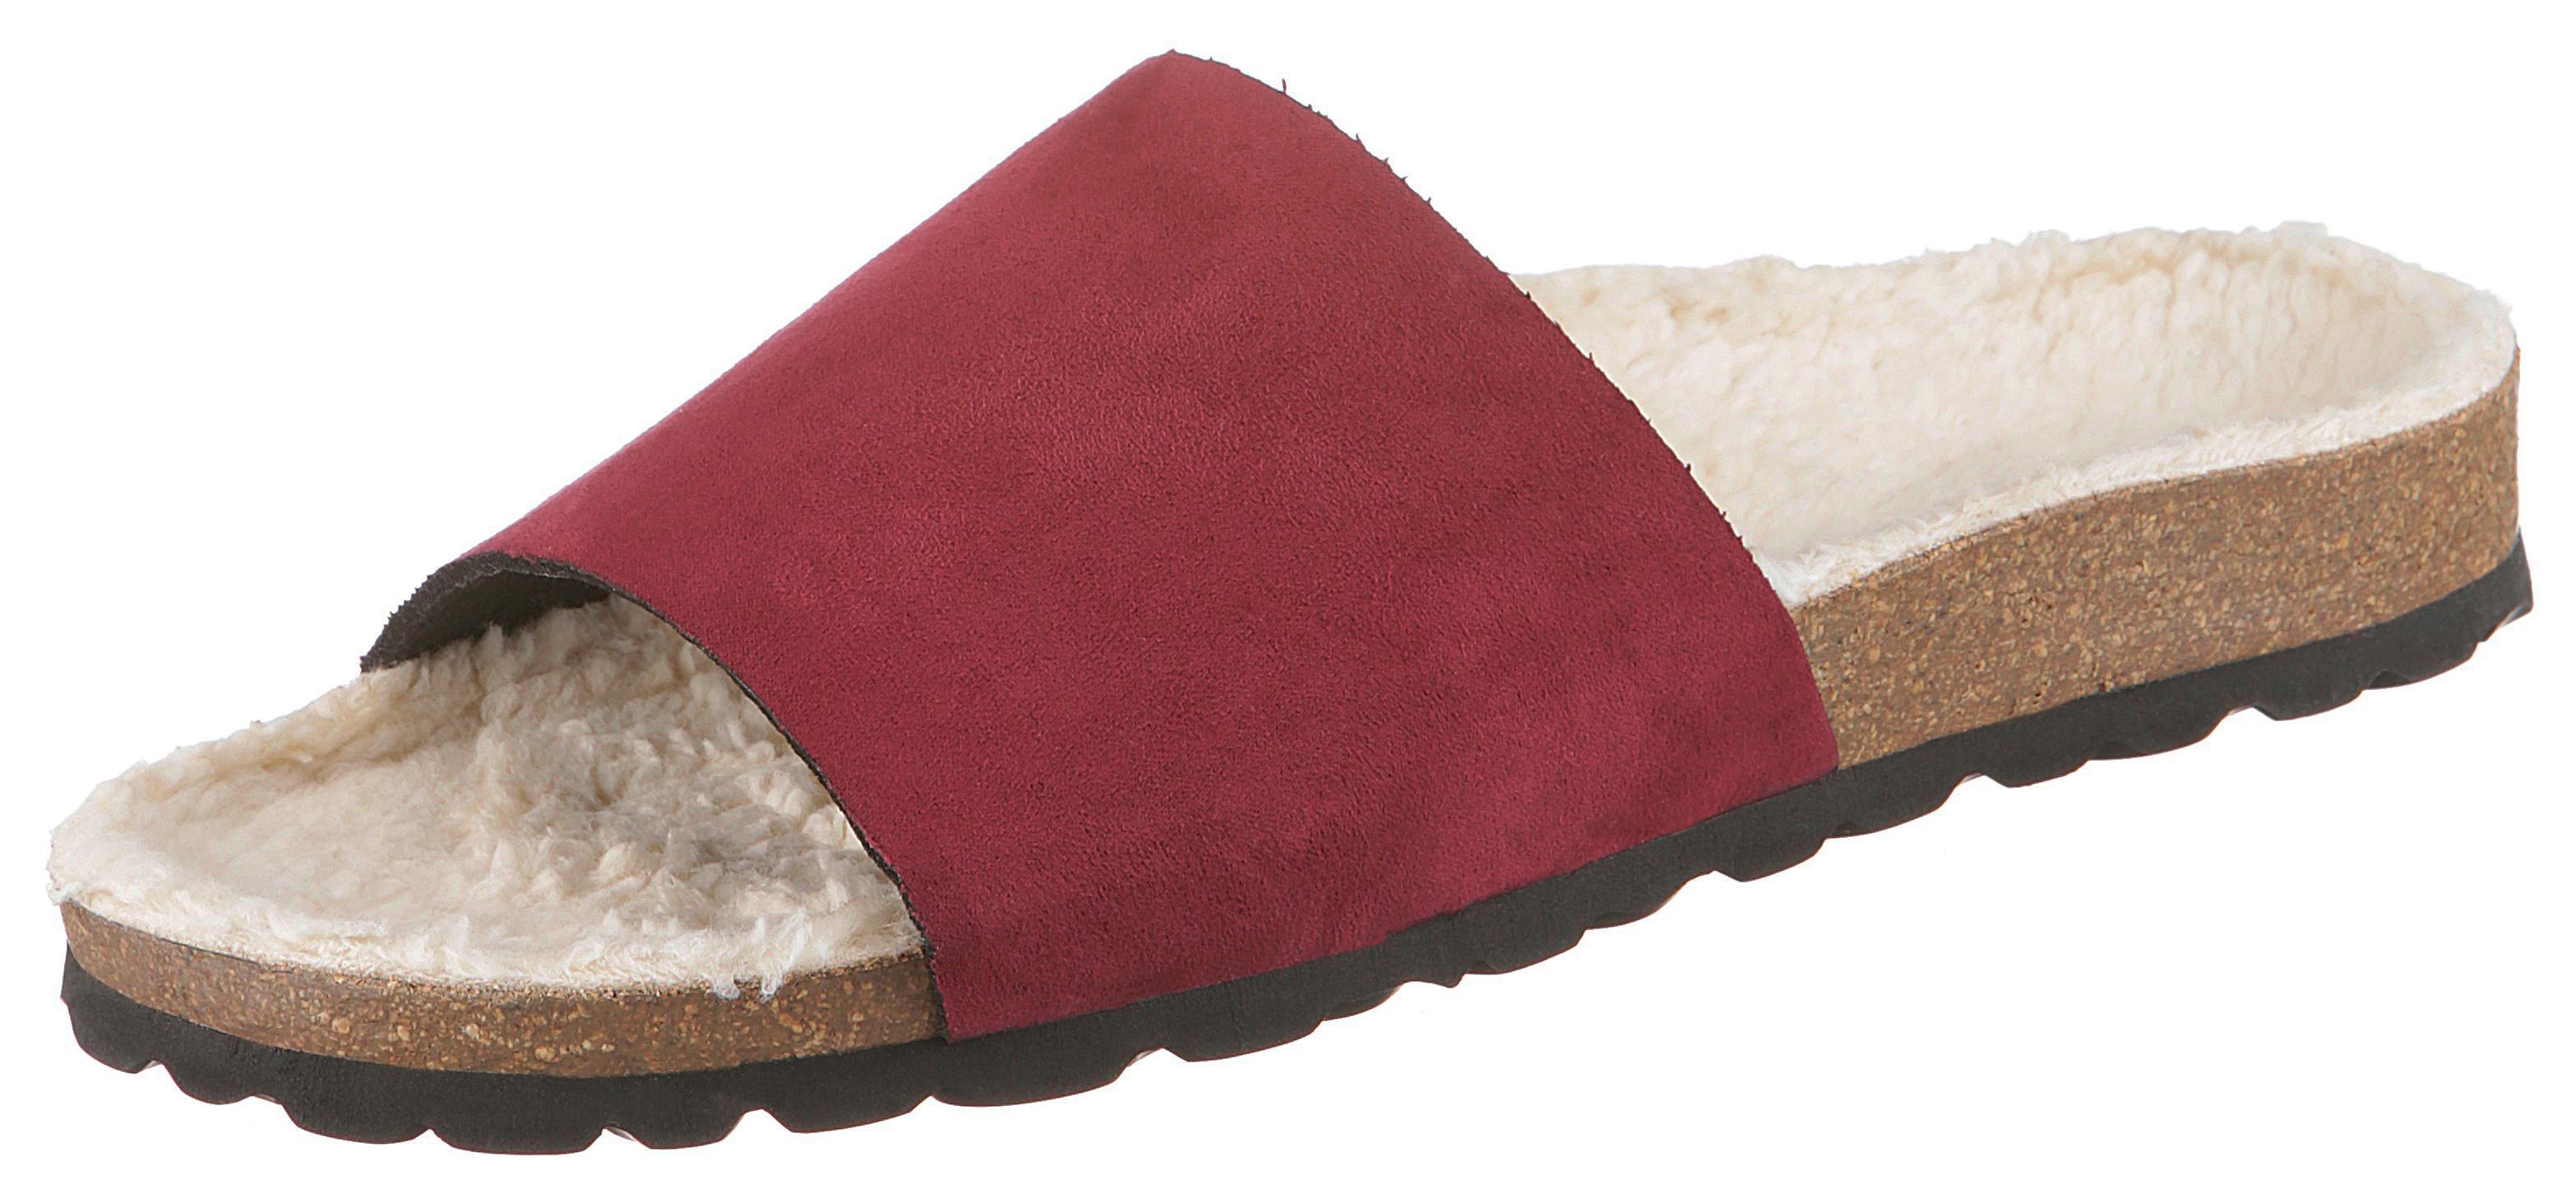 thies Schlappen | Schuhe > Hausschuhe > Pantoletten | Rot | Thies